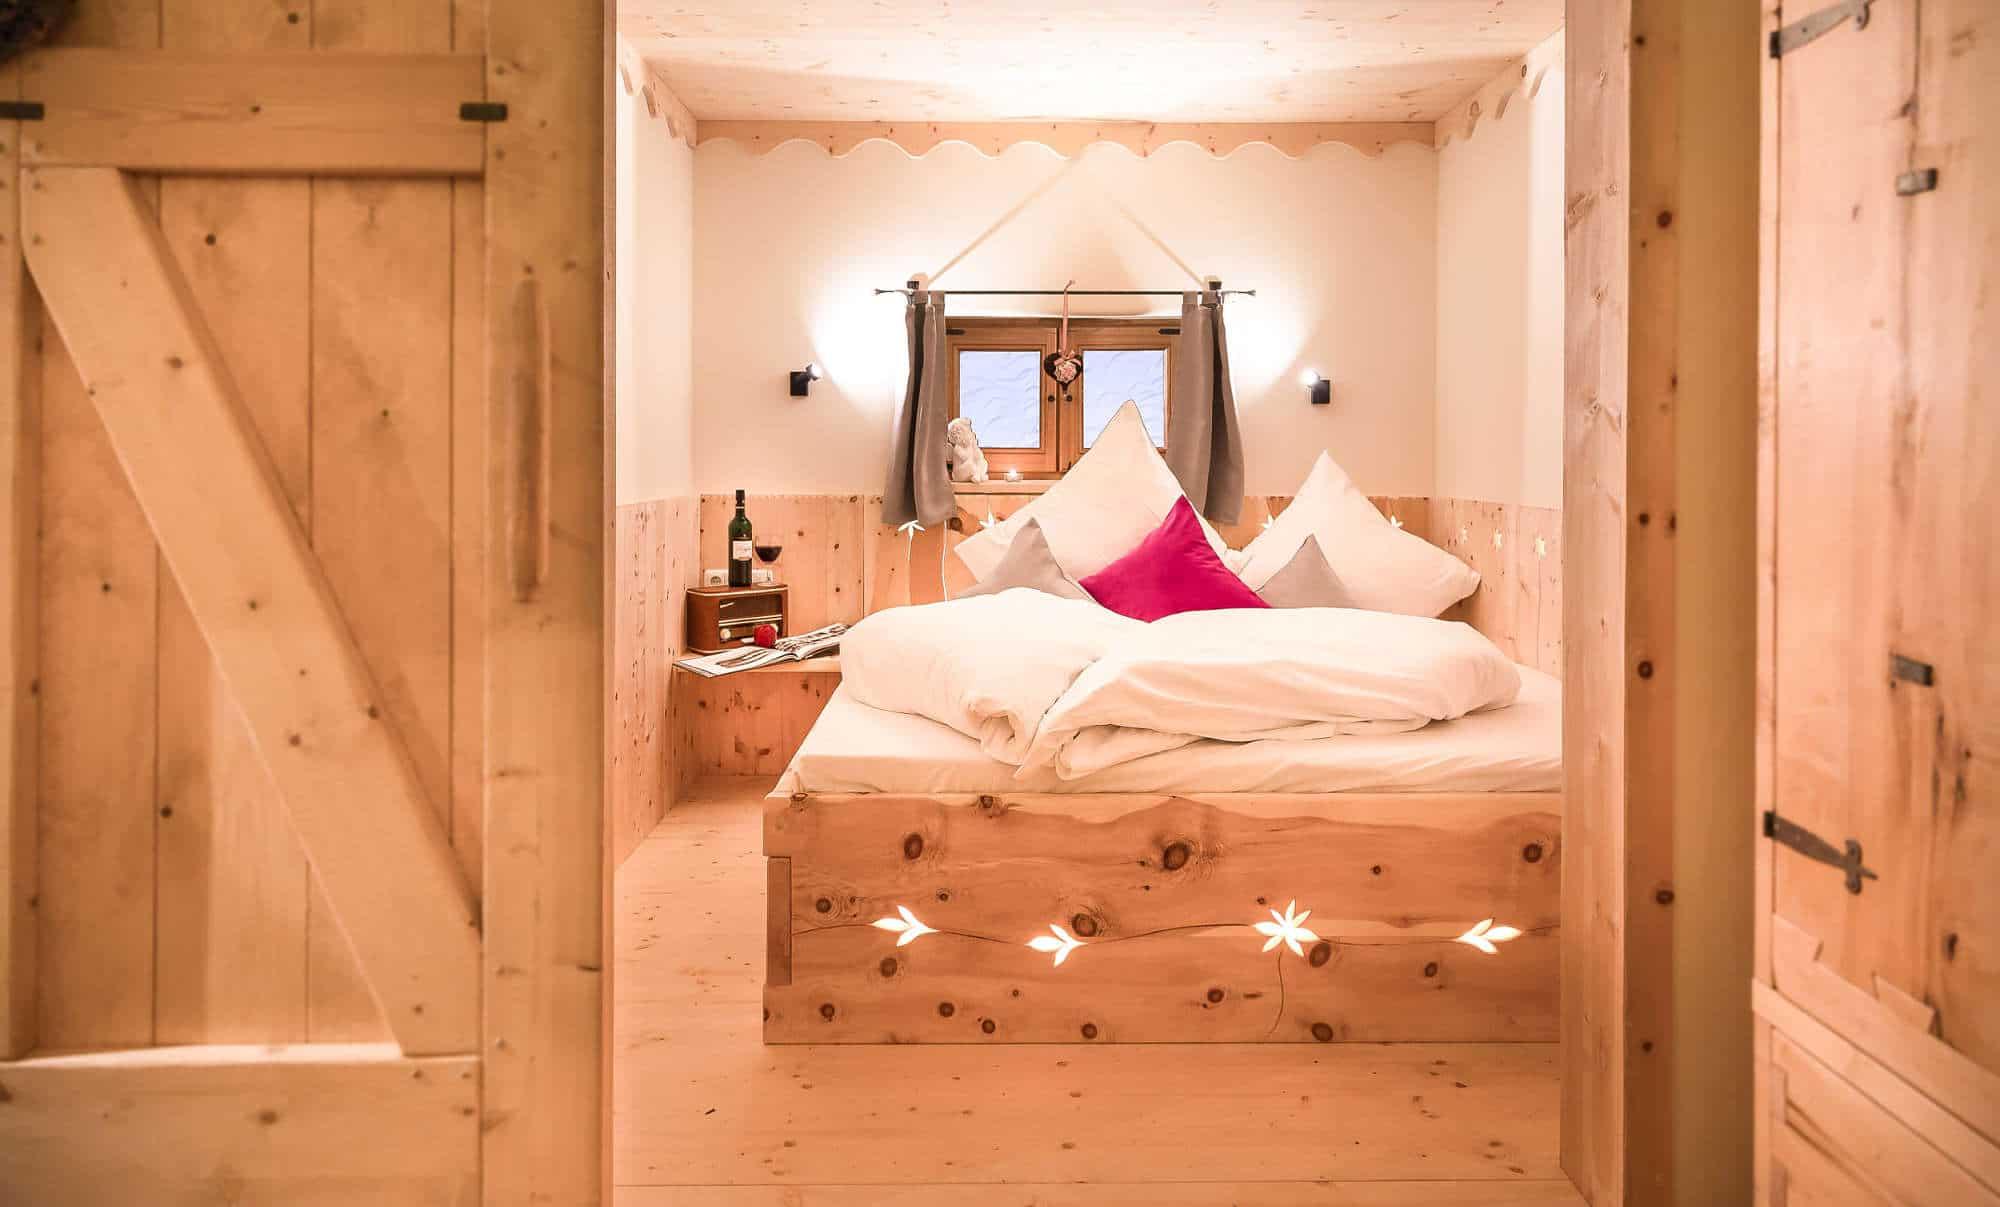 Luxus-Chalet, Zirbenschlafzimmer, Bett aus Zirbe, Zirbenbett